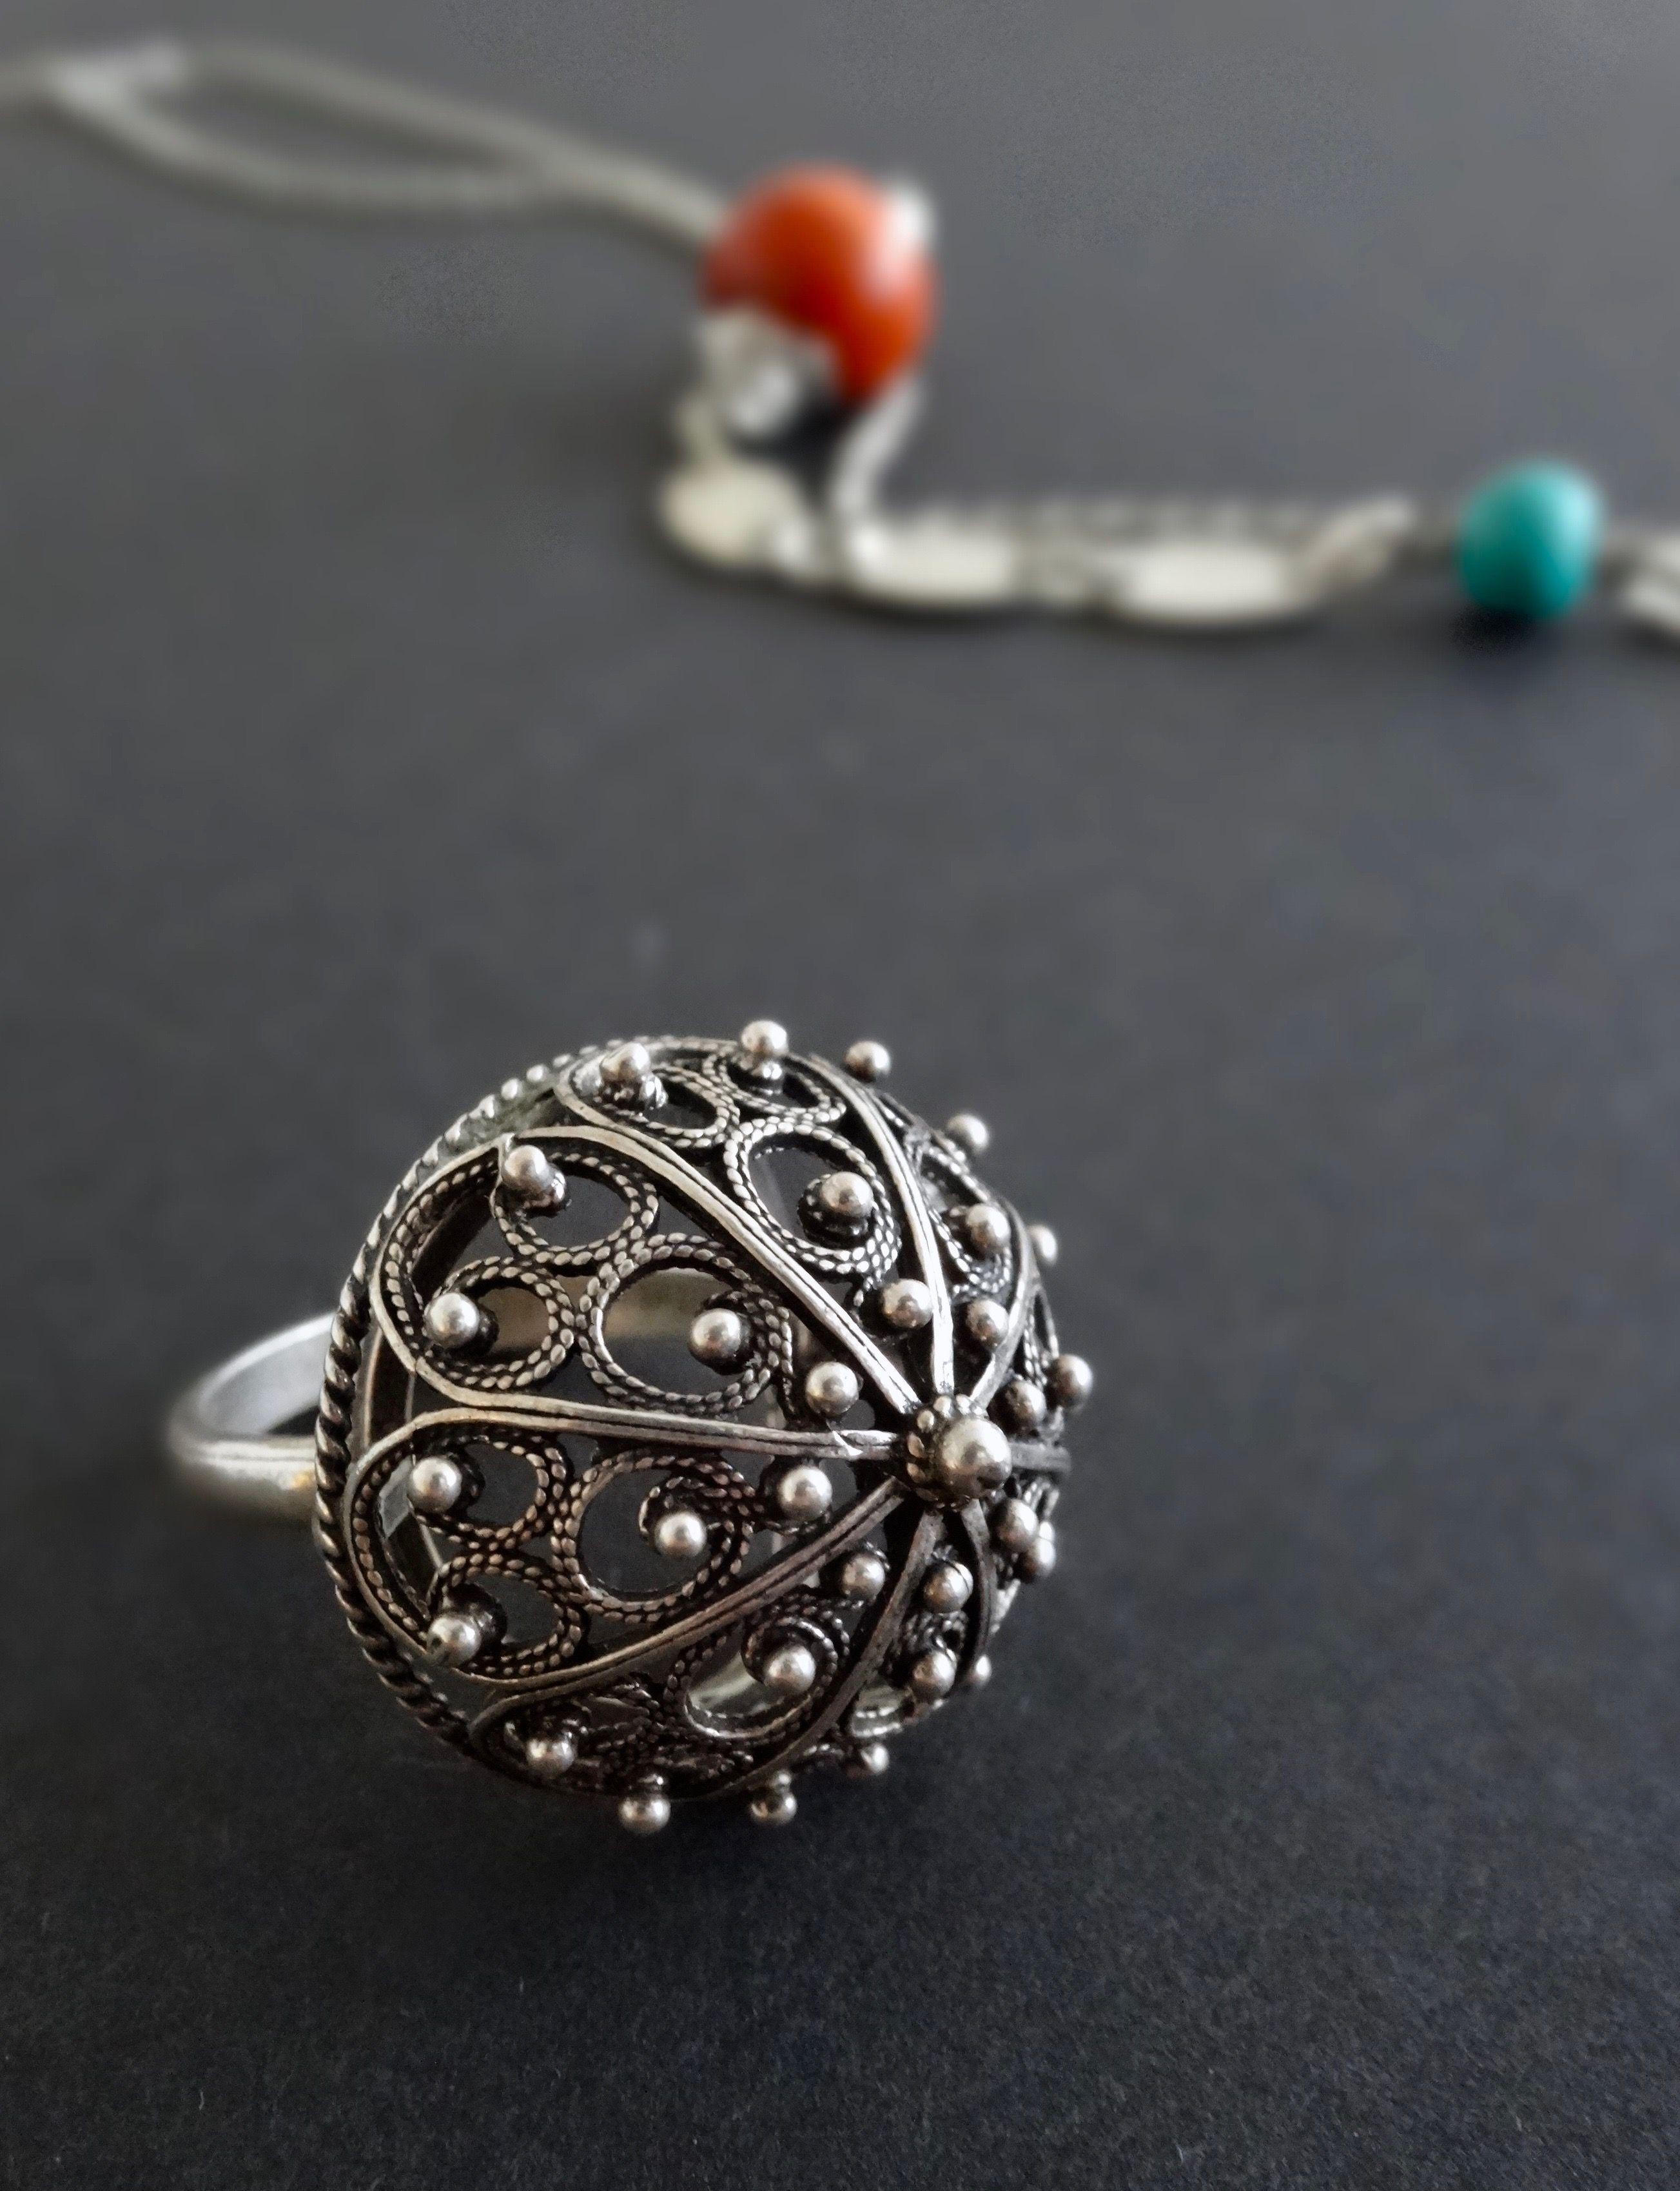 Šibenik Buttons - traditional Croatian Jewelry! #jewelry